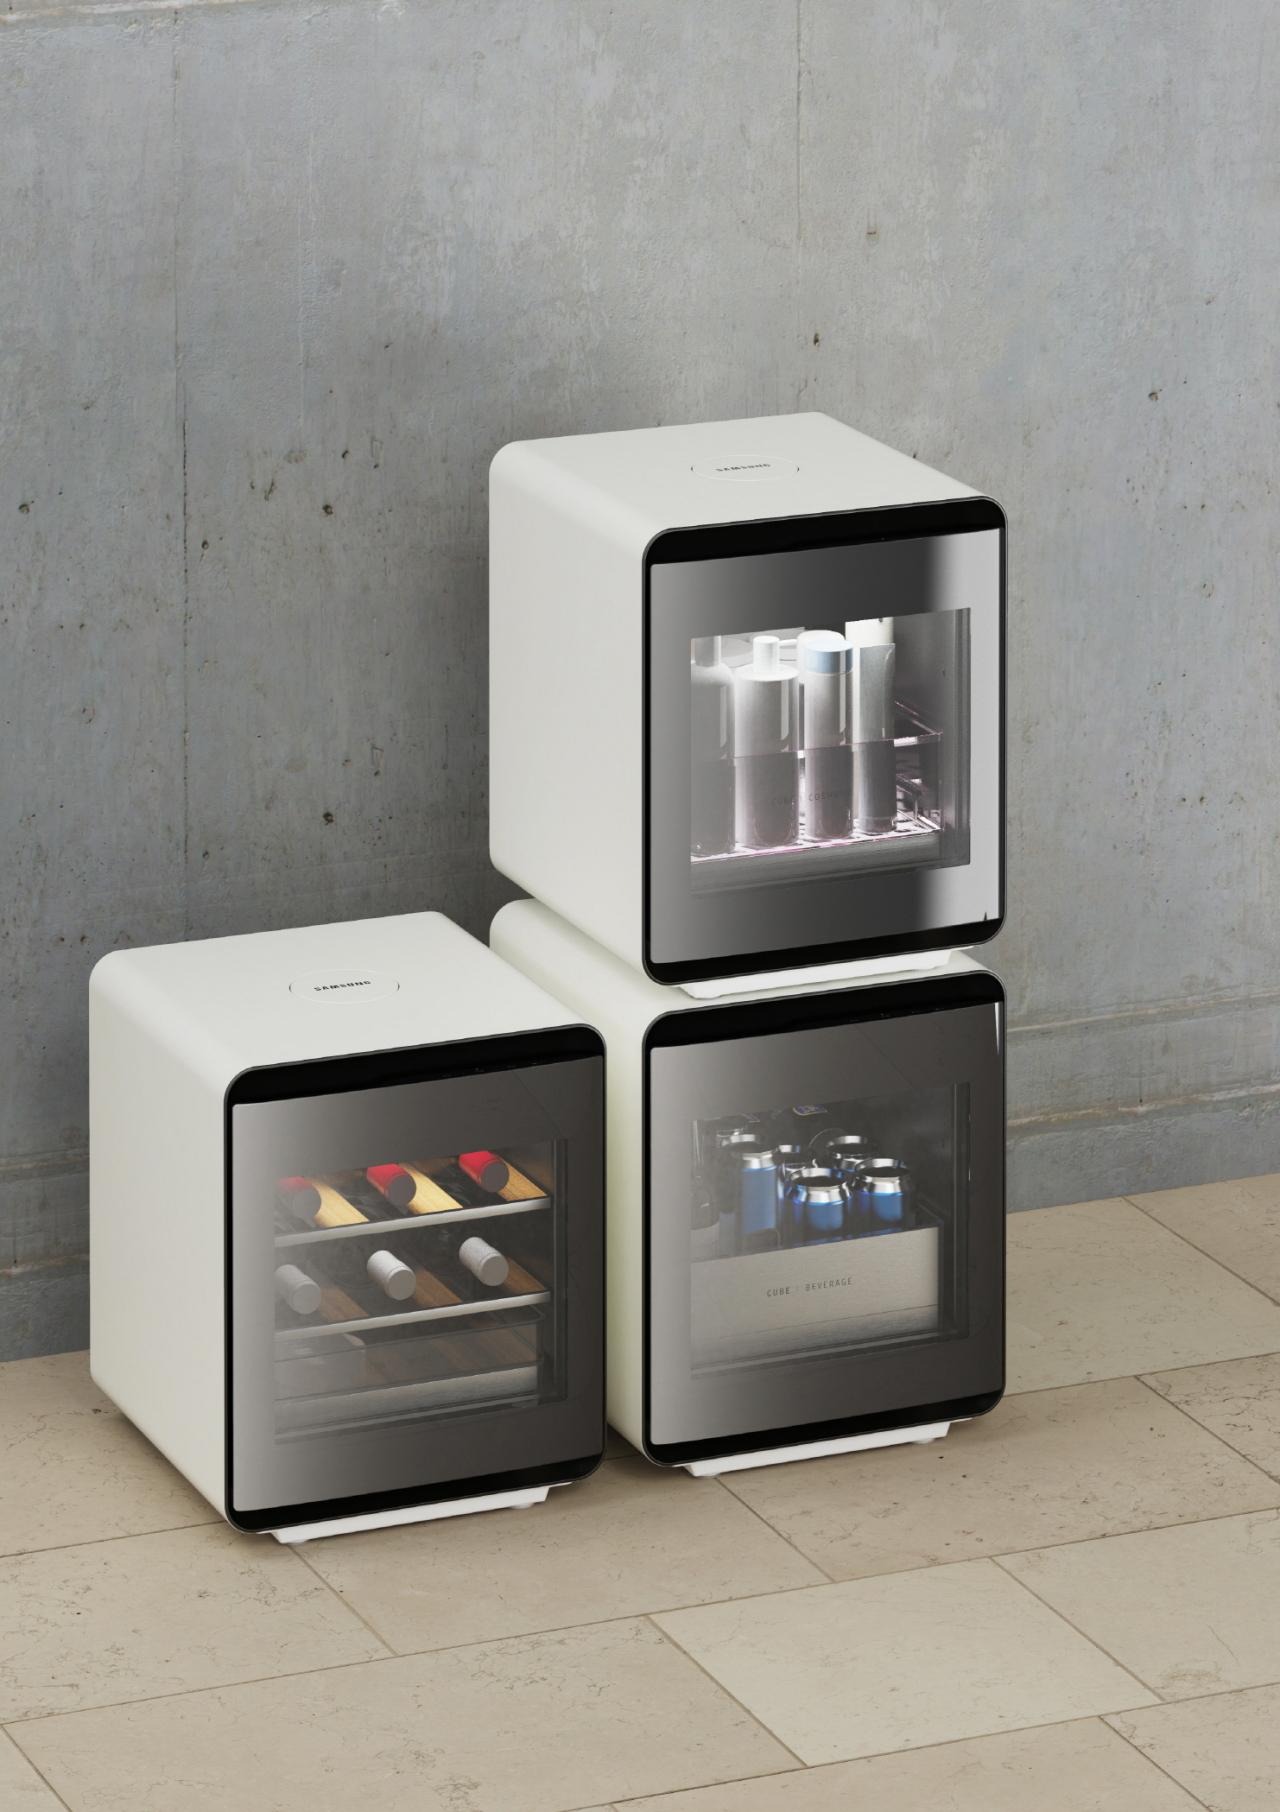 Cube-type fridges (Samsung Electronics)